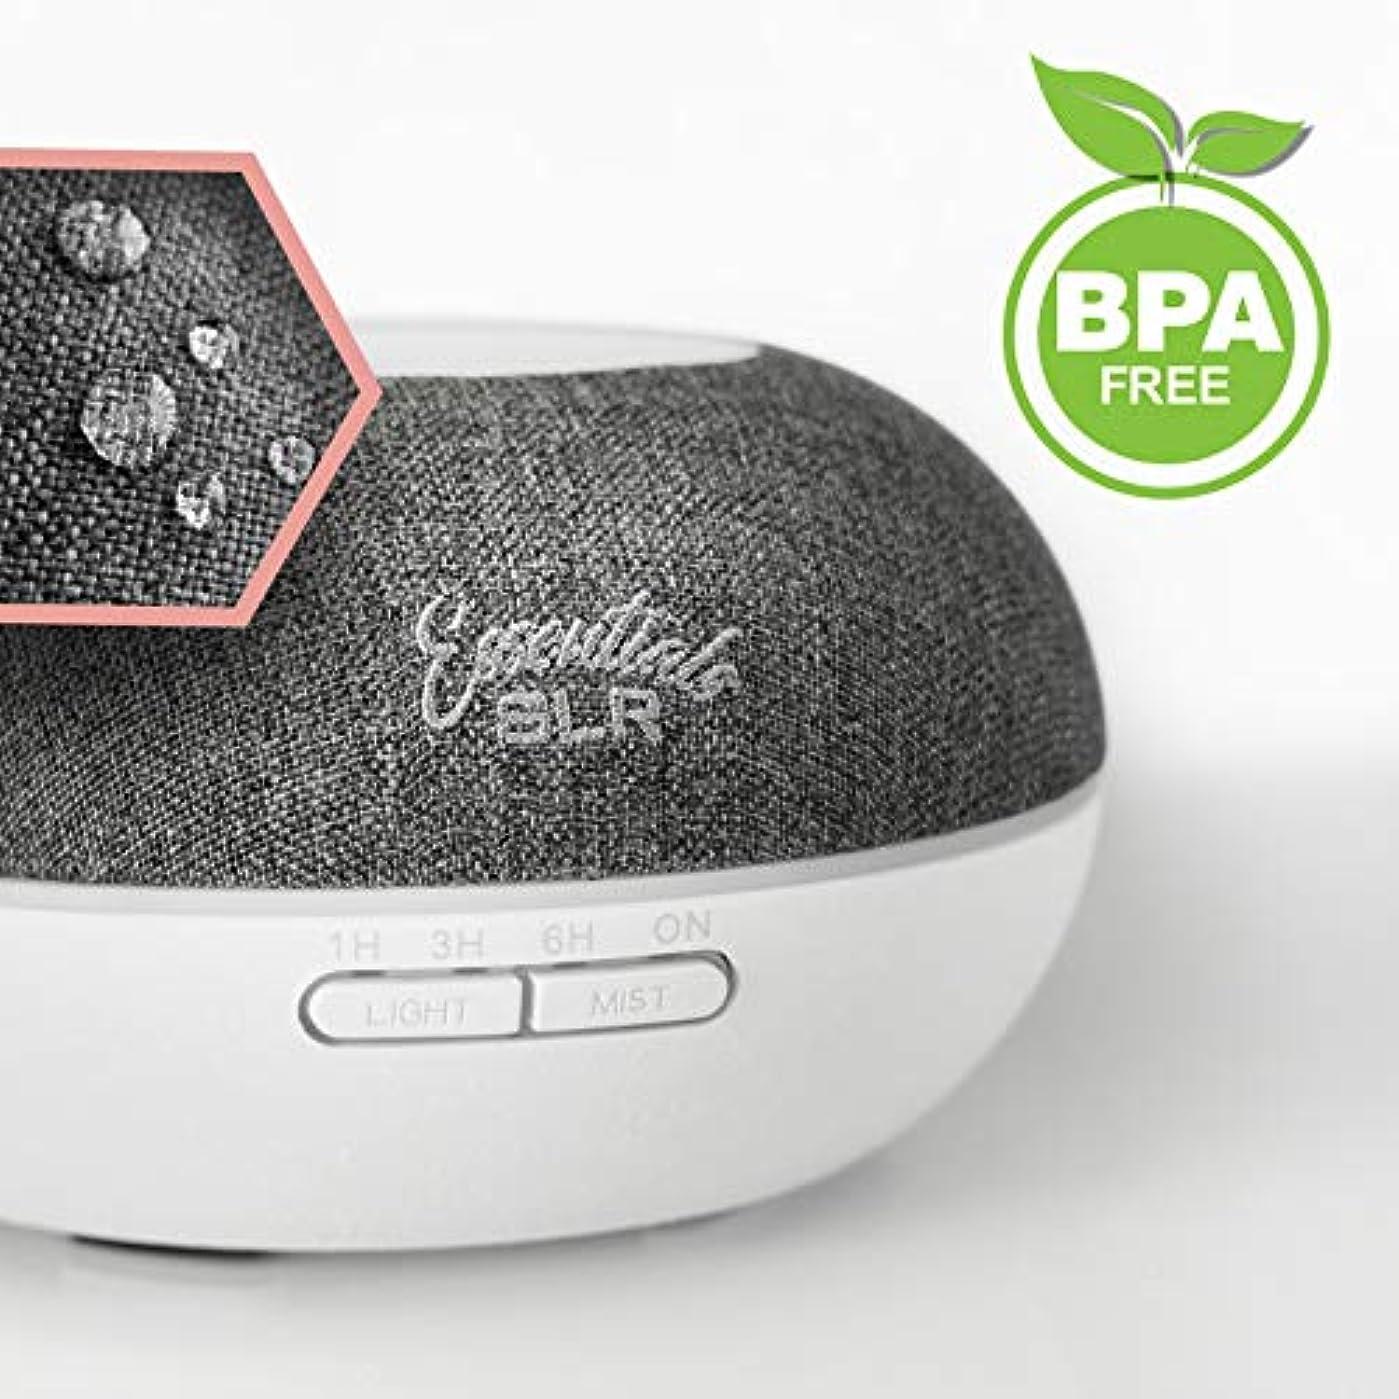 見つける西部放散するSLR 500 ml Aromatherapy Essential Oil Large Diffuser BPAフリー超音波空気加湿器withマルチカラー変更LED、自動遮断 500ml SLR:900-00055